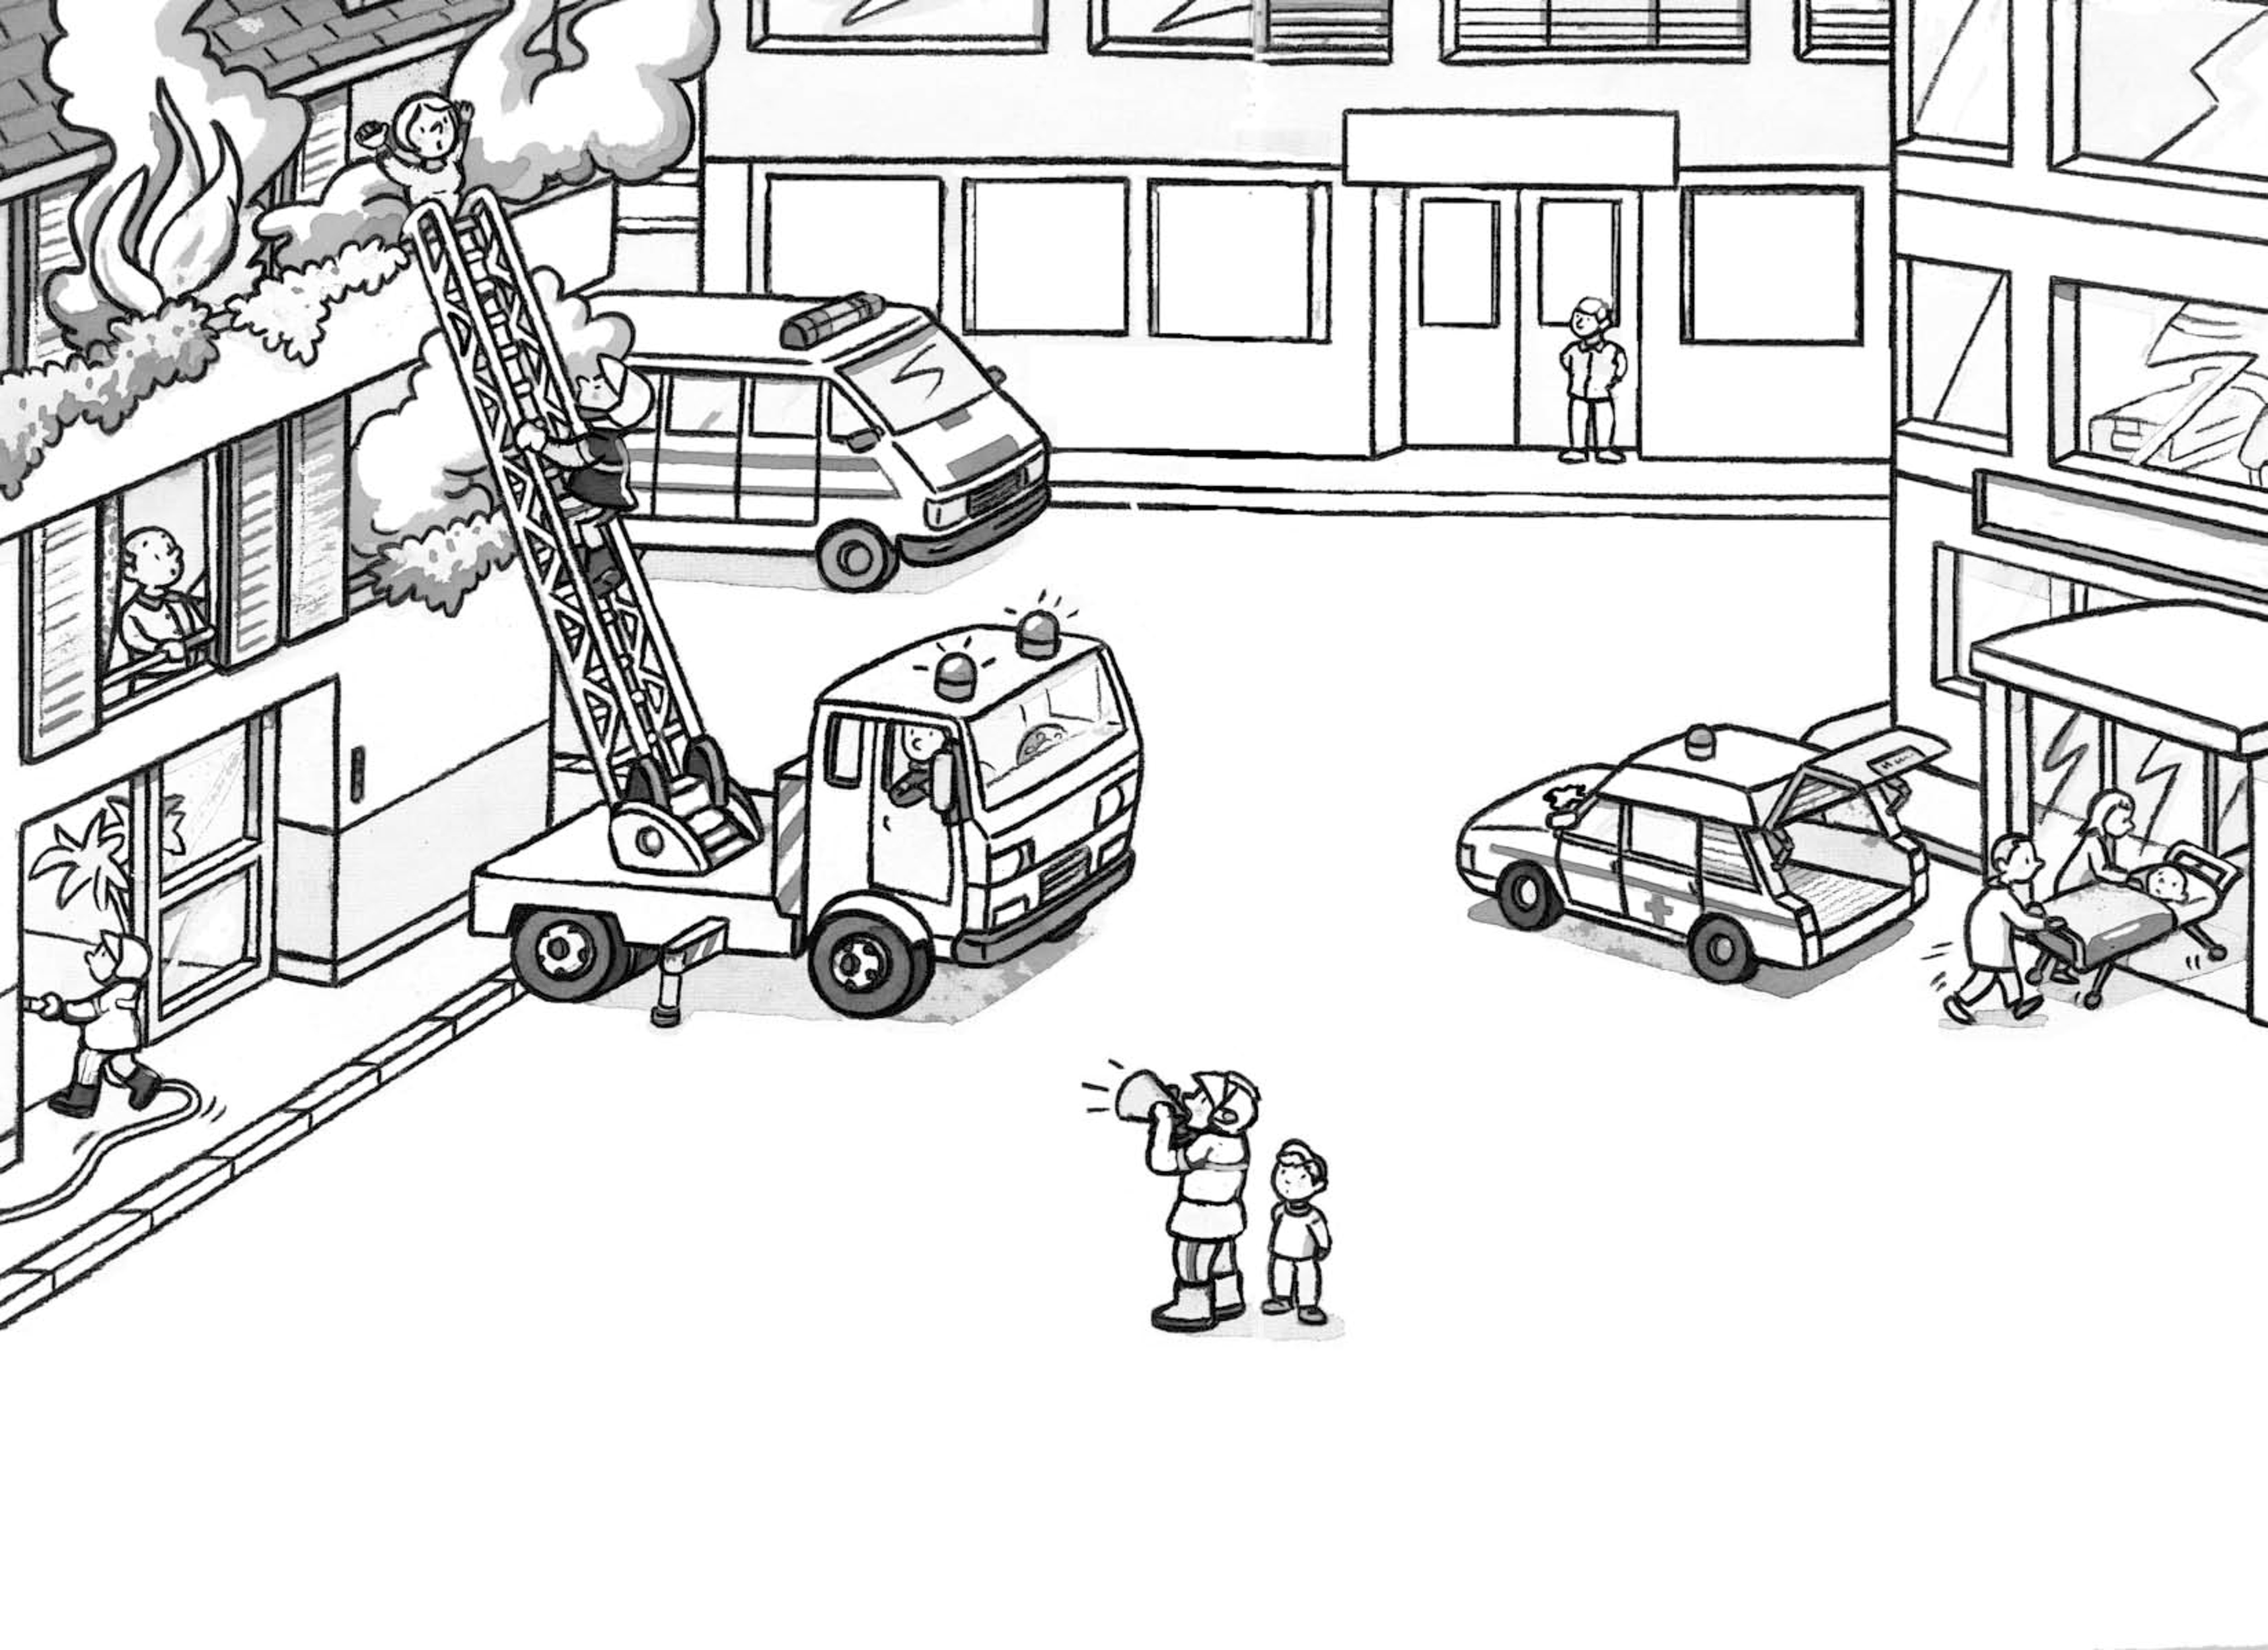 Inspirant Dessins à Colorier Camion De Pompiers